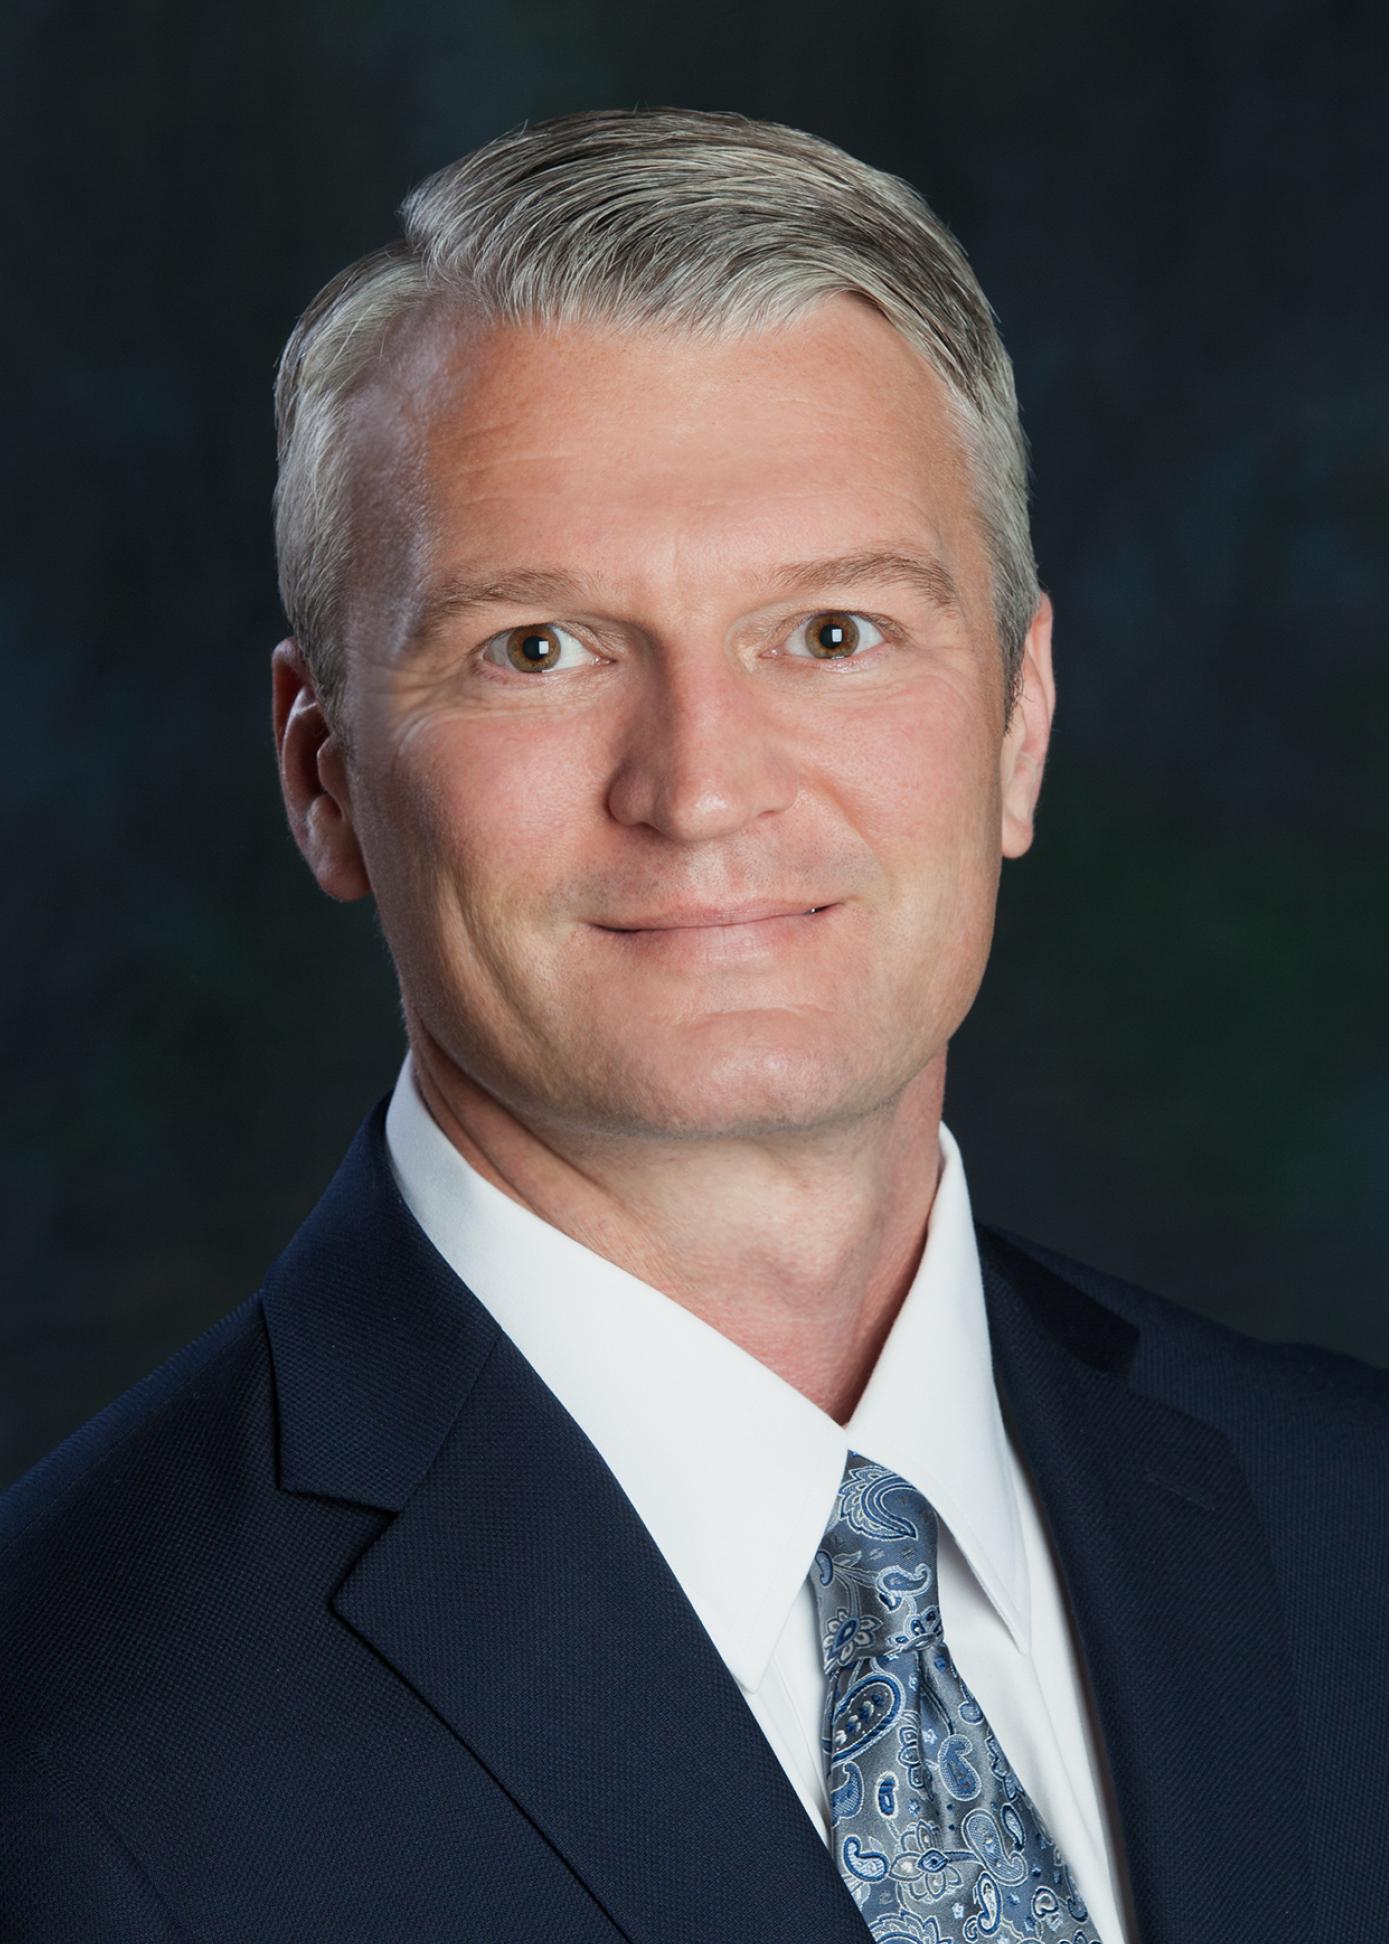 Scott Byland